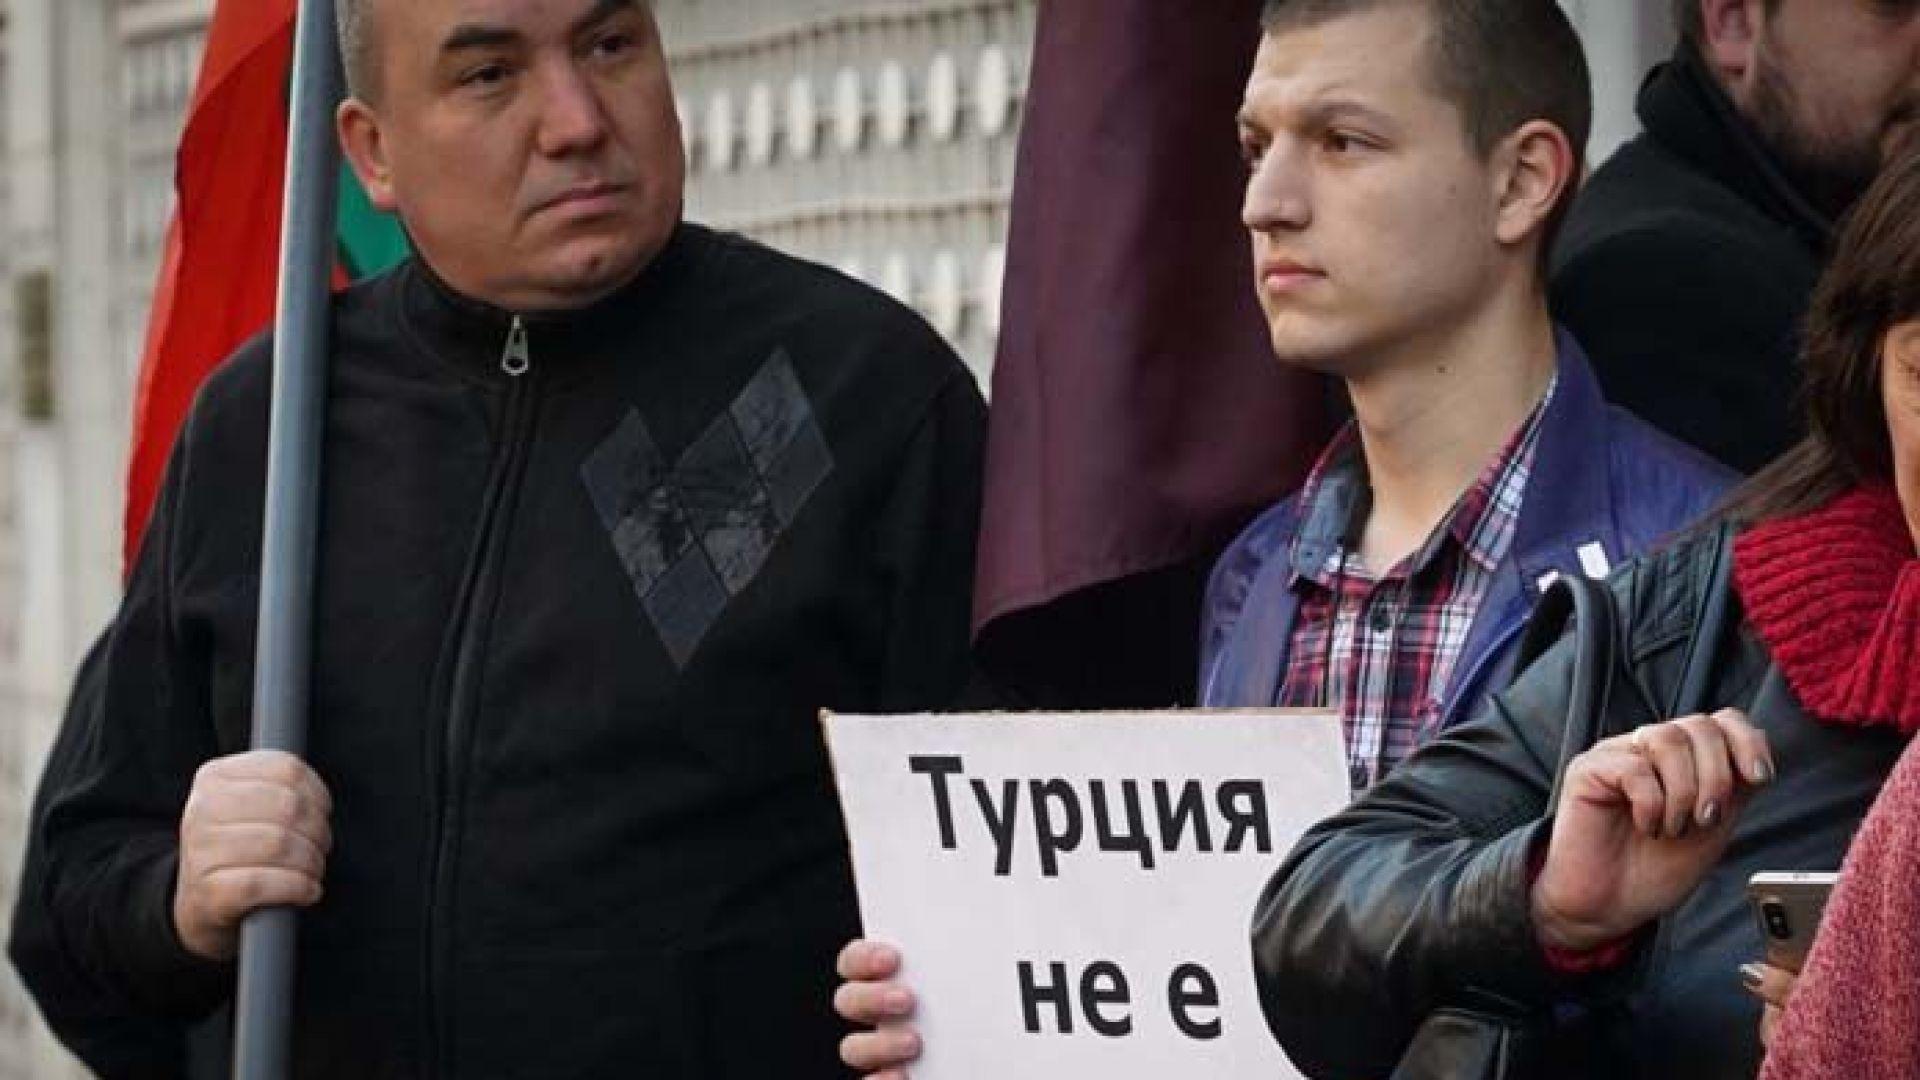 Българските патриоти: Излизаме на протест срещу националното предателство на ДПС